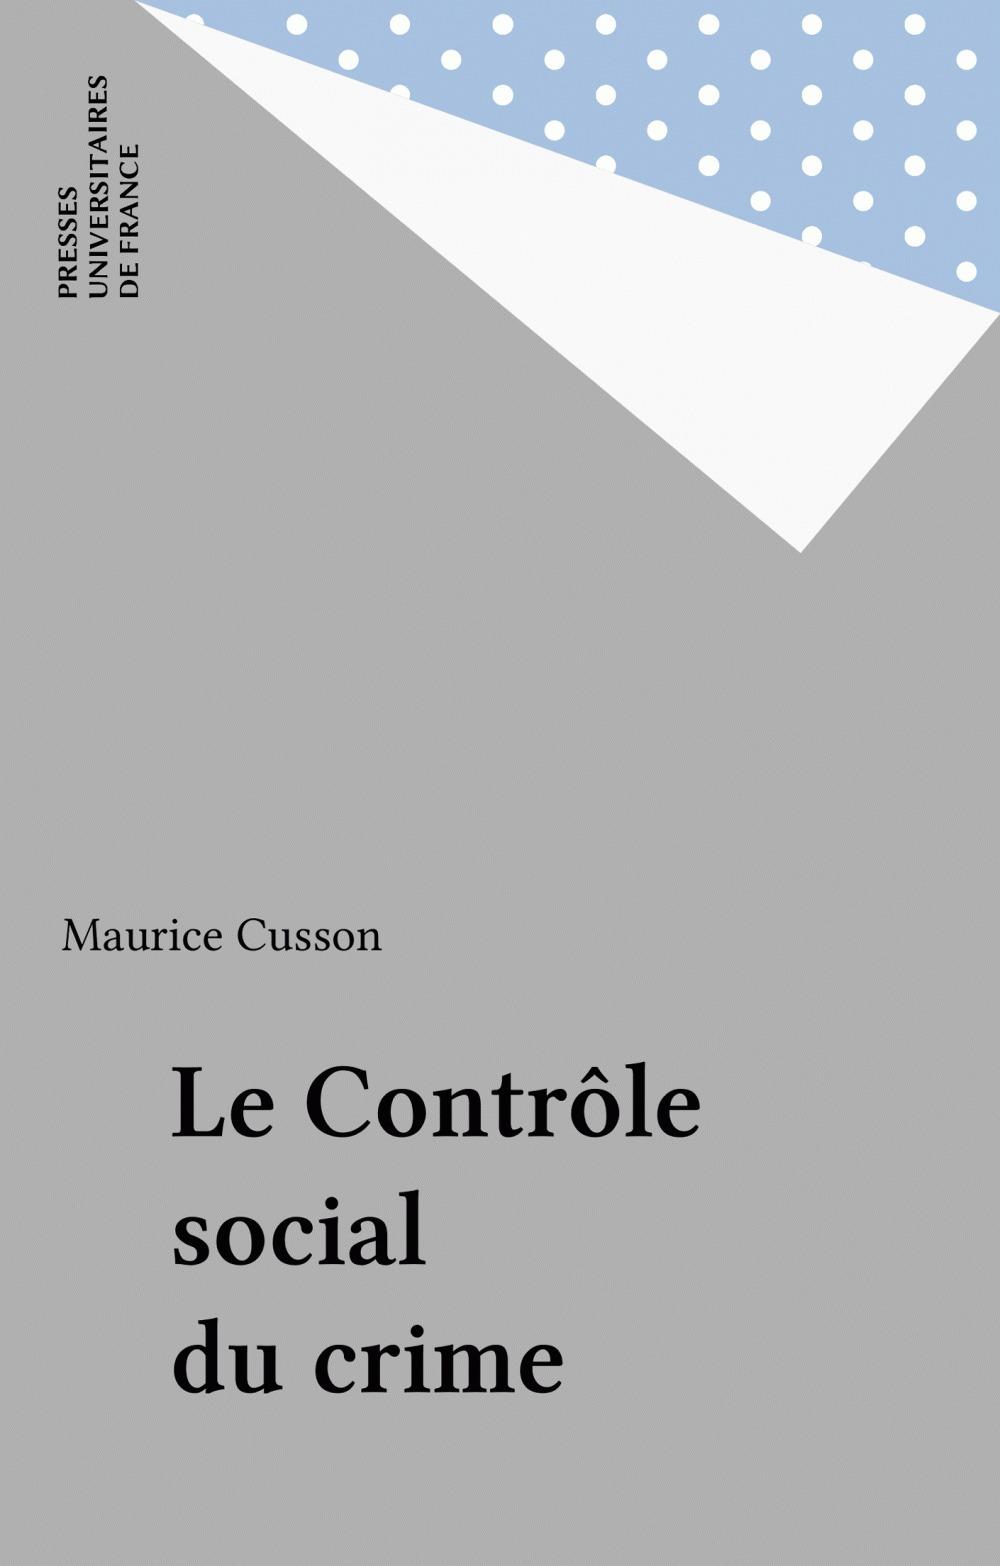 Le contrôle social du crime